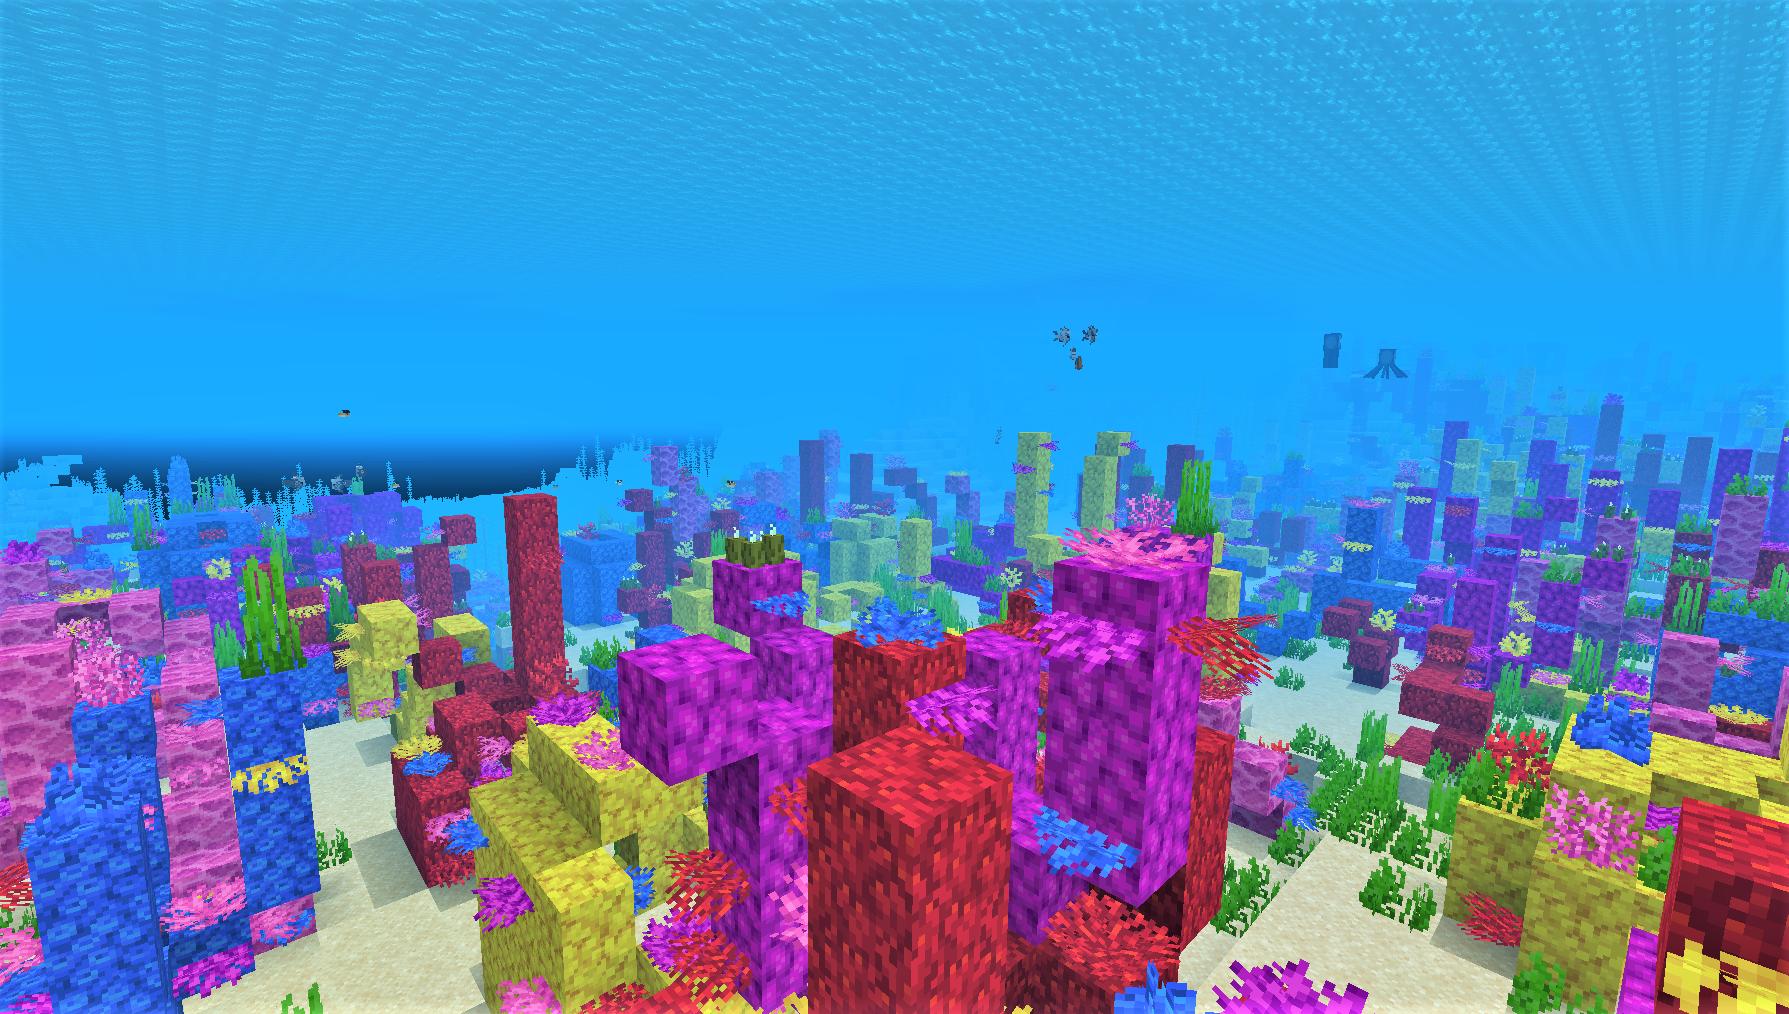 サンゴ礁の海 海中3.png